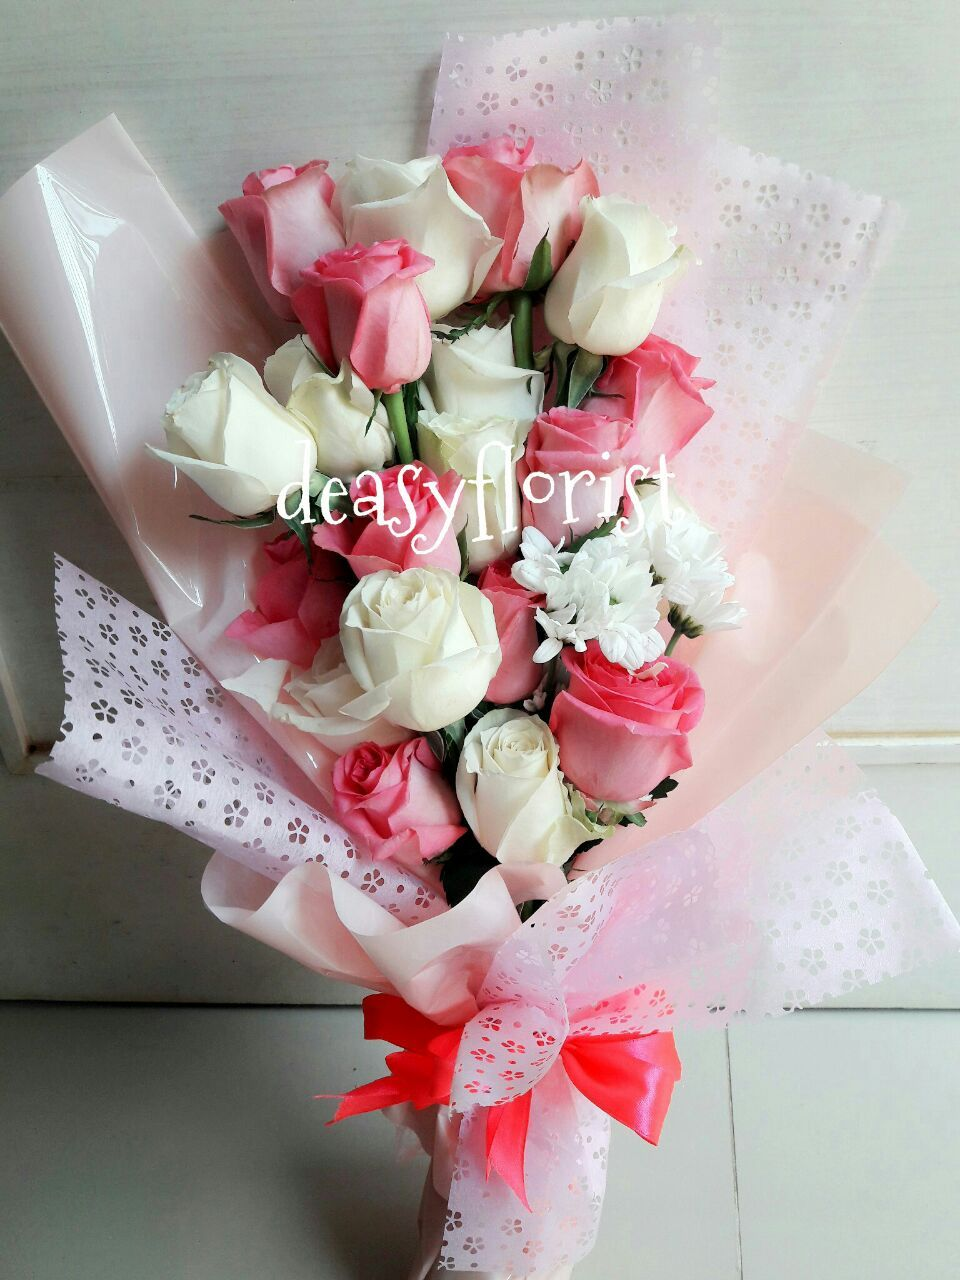 Bunga Buket Bunga Buket Buket Wisuda Buket Nikah Buket Pesta Bunga Dekorasi Bunga Papan Bunga Box Standing Flower Bunga St Penjual Bunga Toko Bunga Bunga Murah